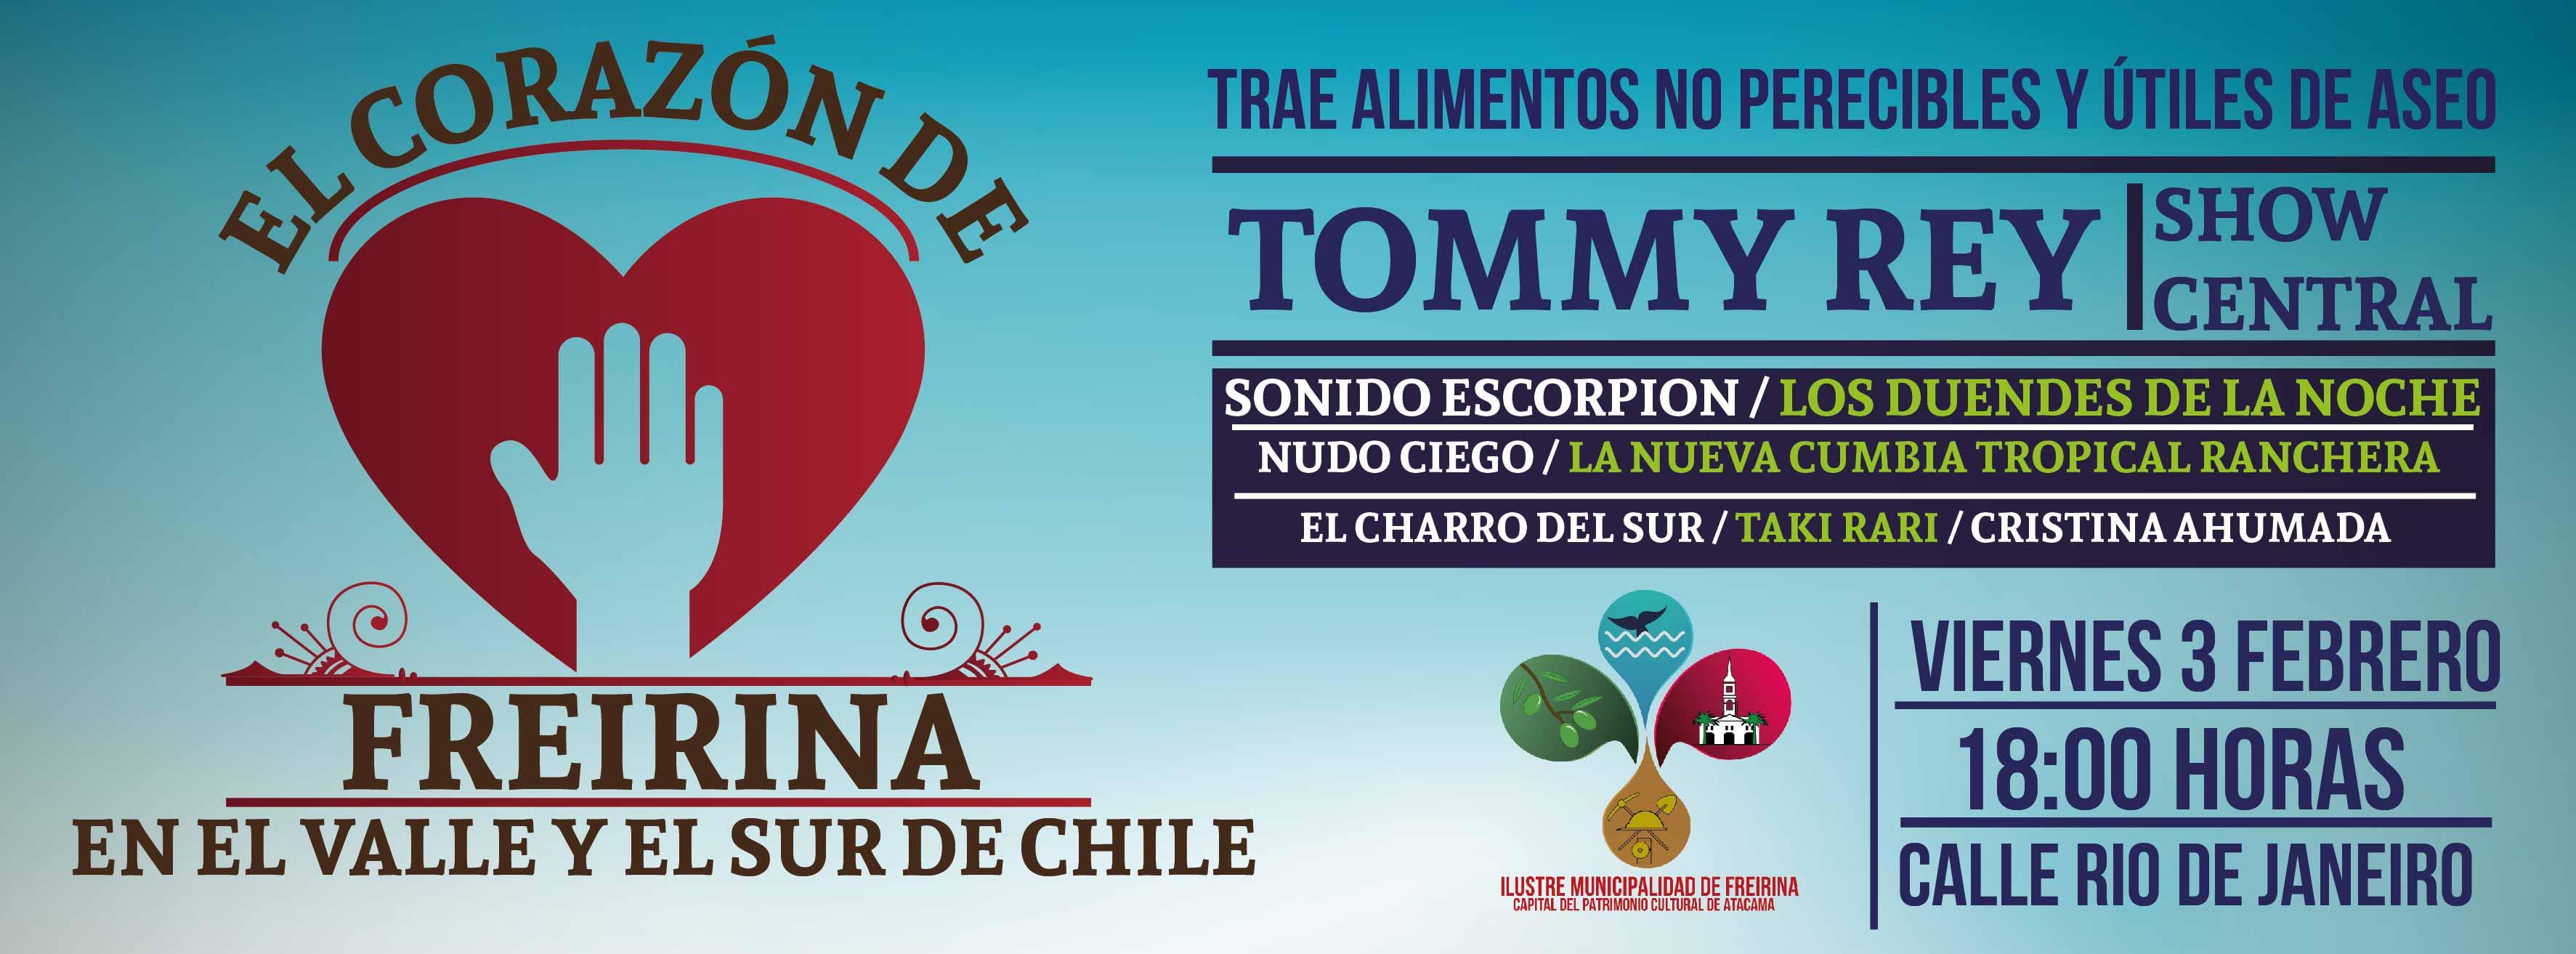 Tommy Rey llega este fin de semana a Freirina a evento solidario